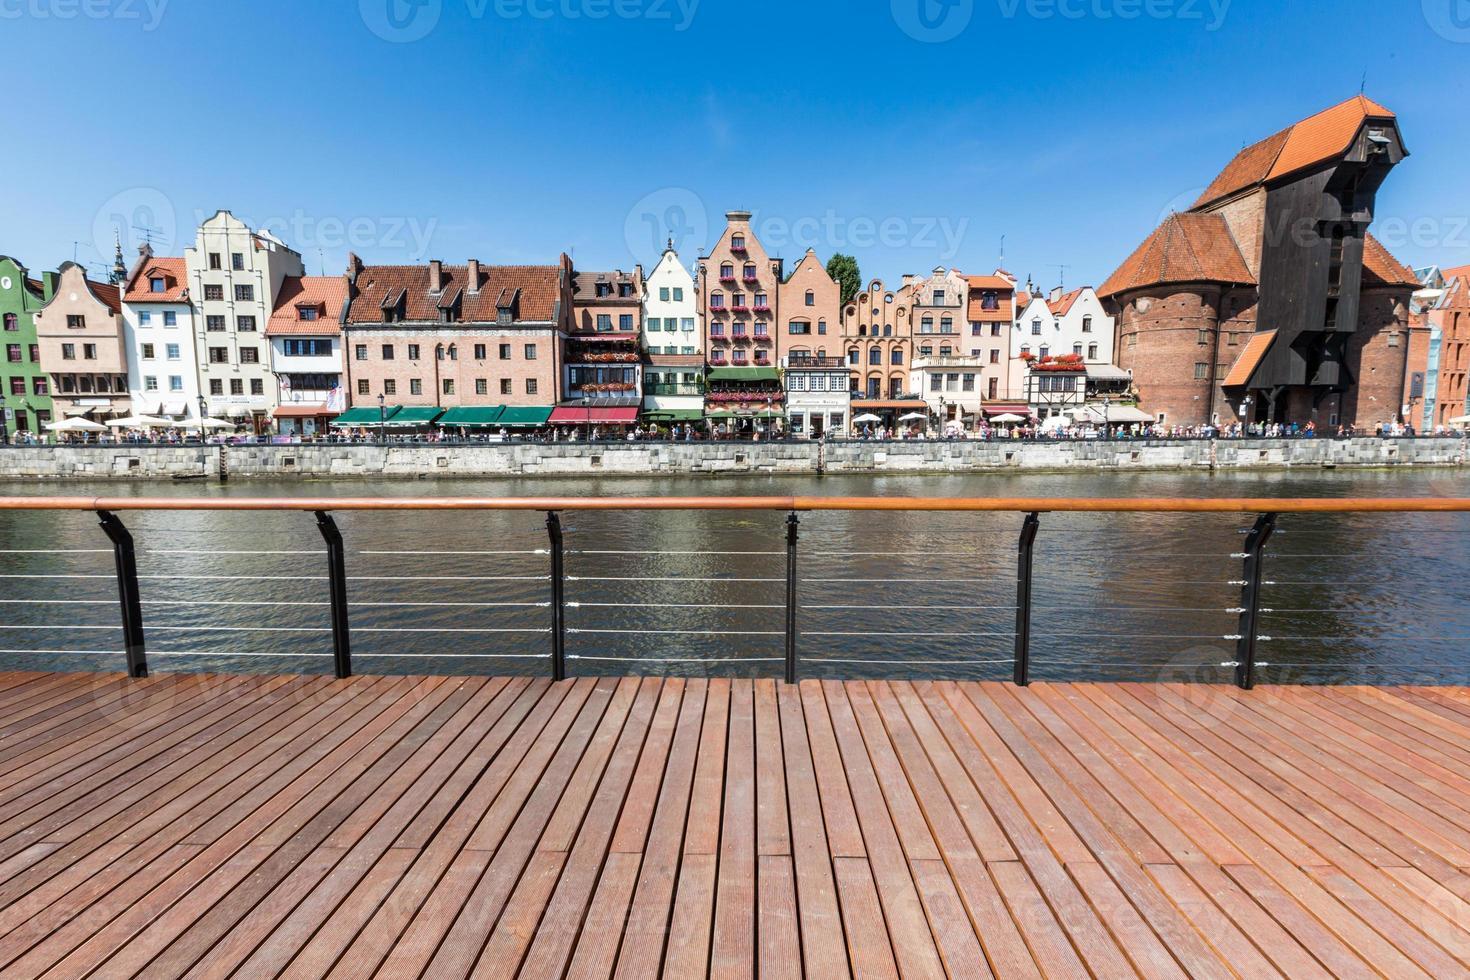 architettura tradizionale a Danzica, Polonia. foto